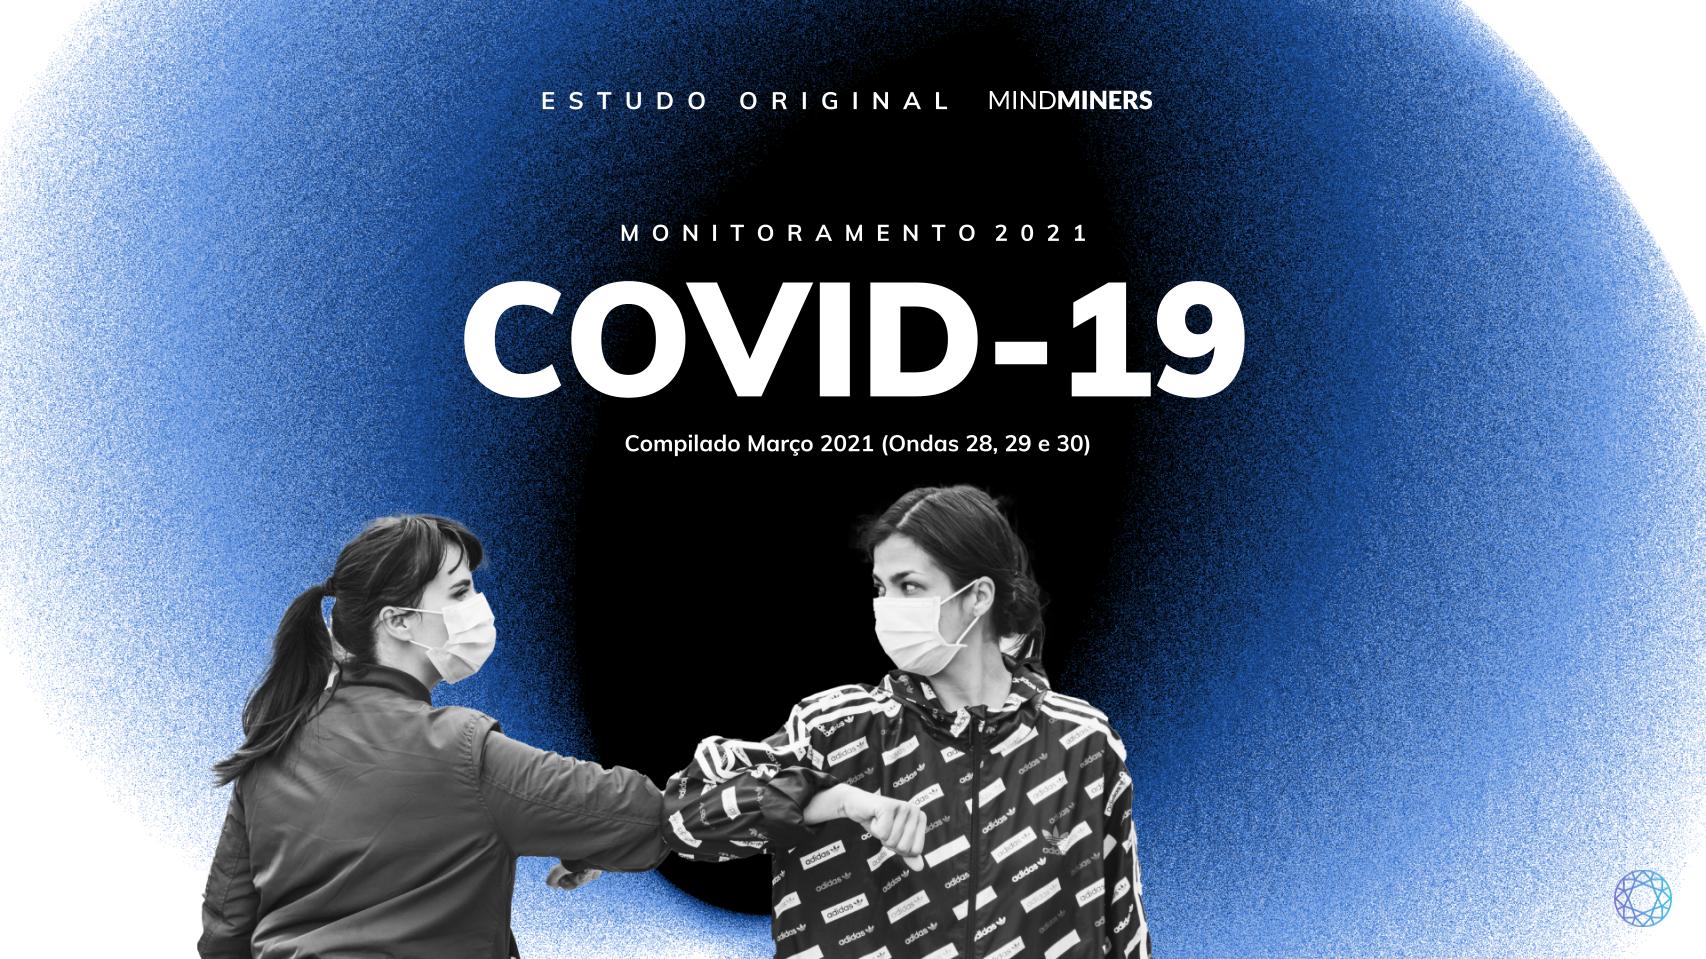 Monitoramento COVID-19: Março de 2021